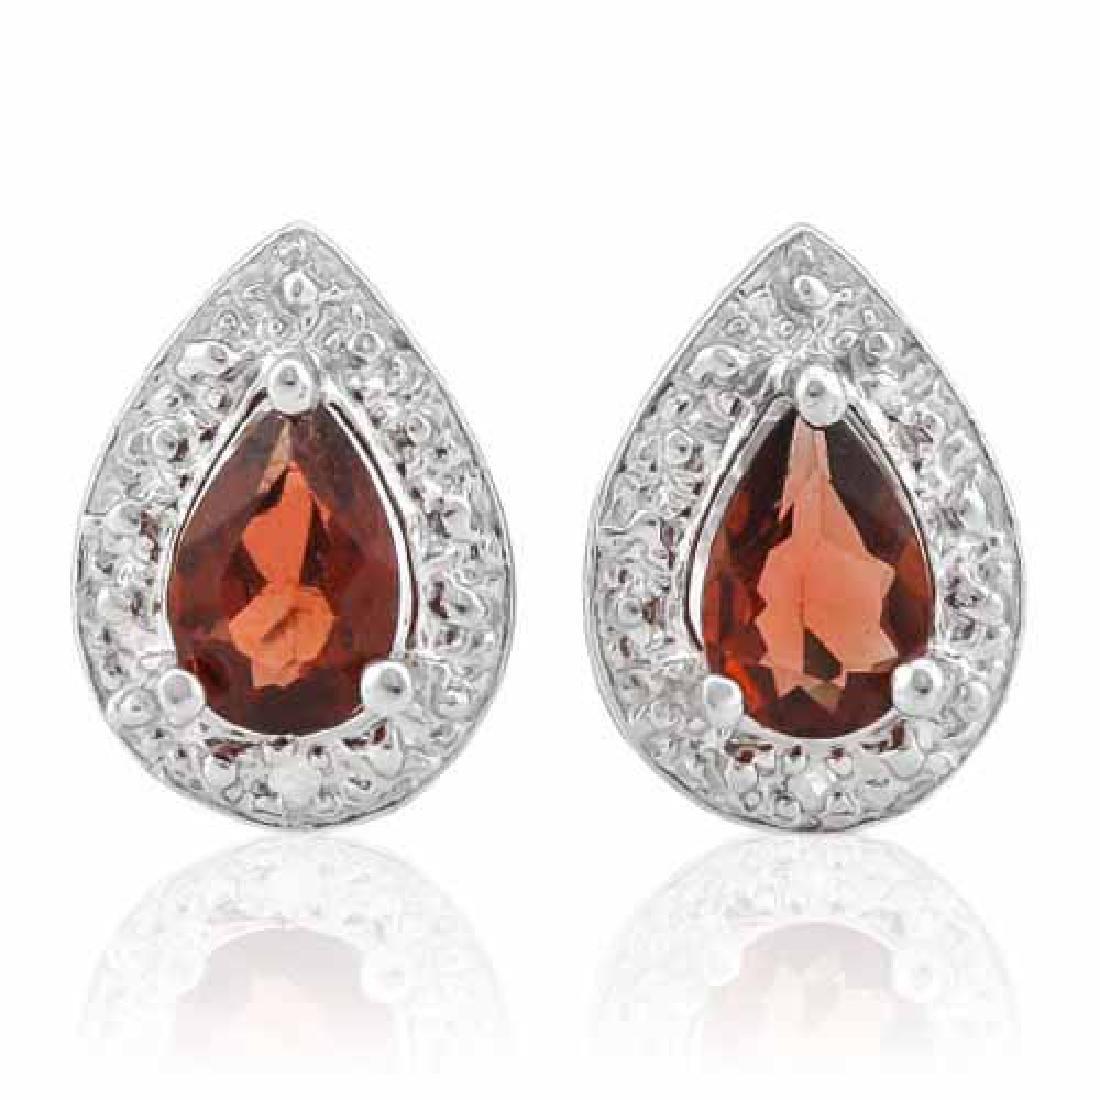 4/5 CARAT GARNET & DIAMOND 925 STERLING SILVER EARRINGS